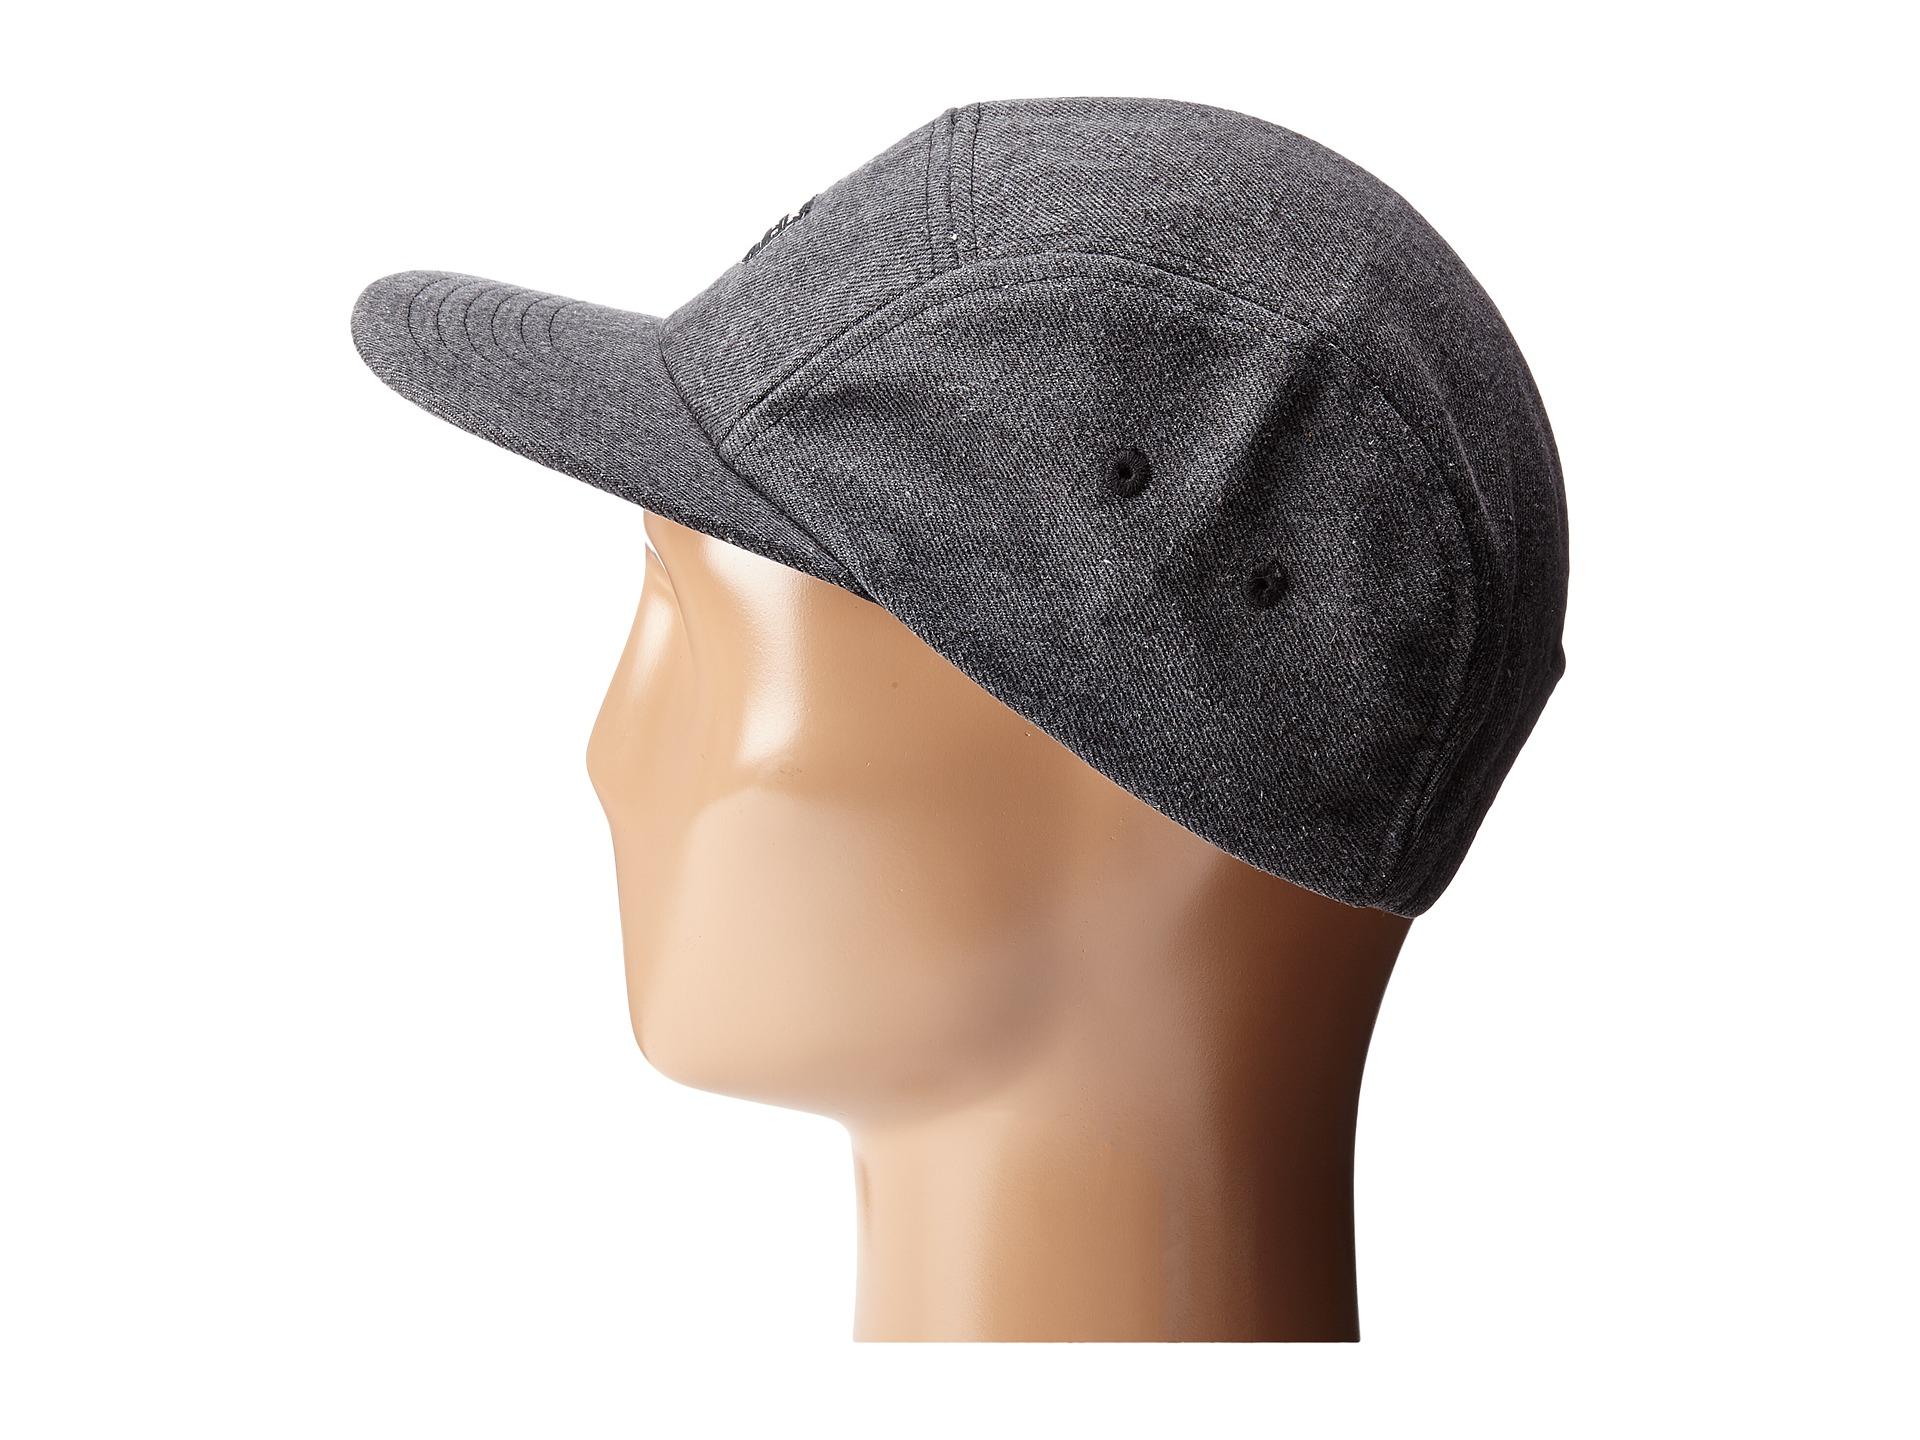 7f909f7399d Lyst - Billabong Melted 5 Panel Hat in Black for Men